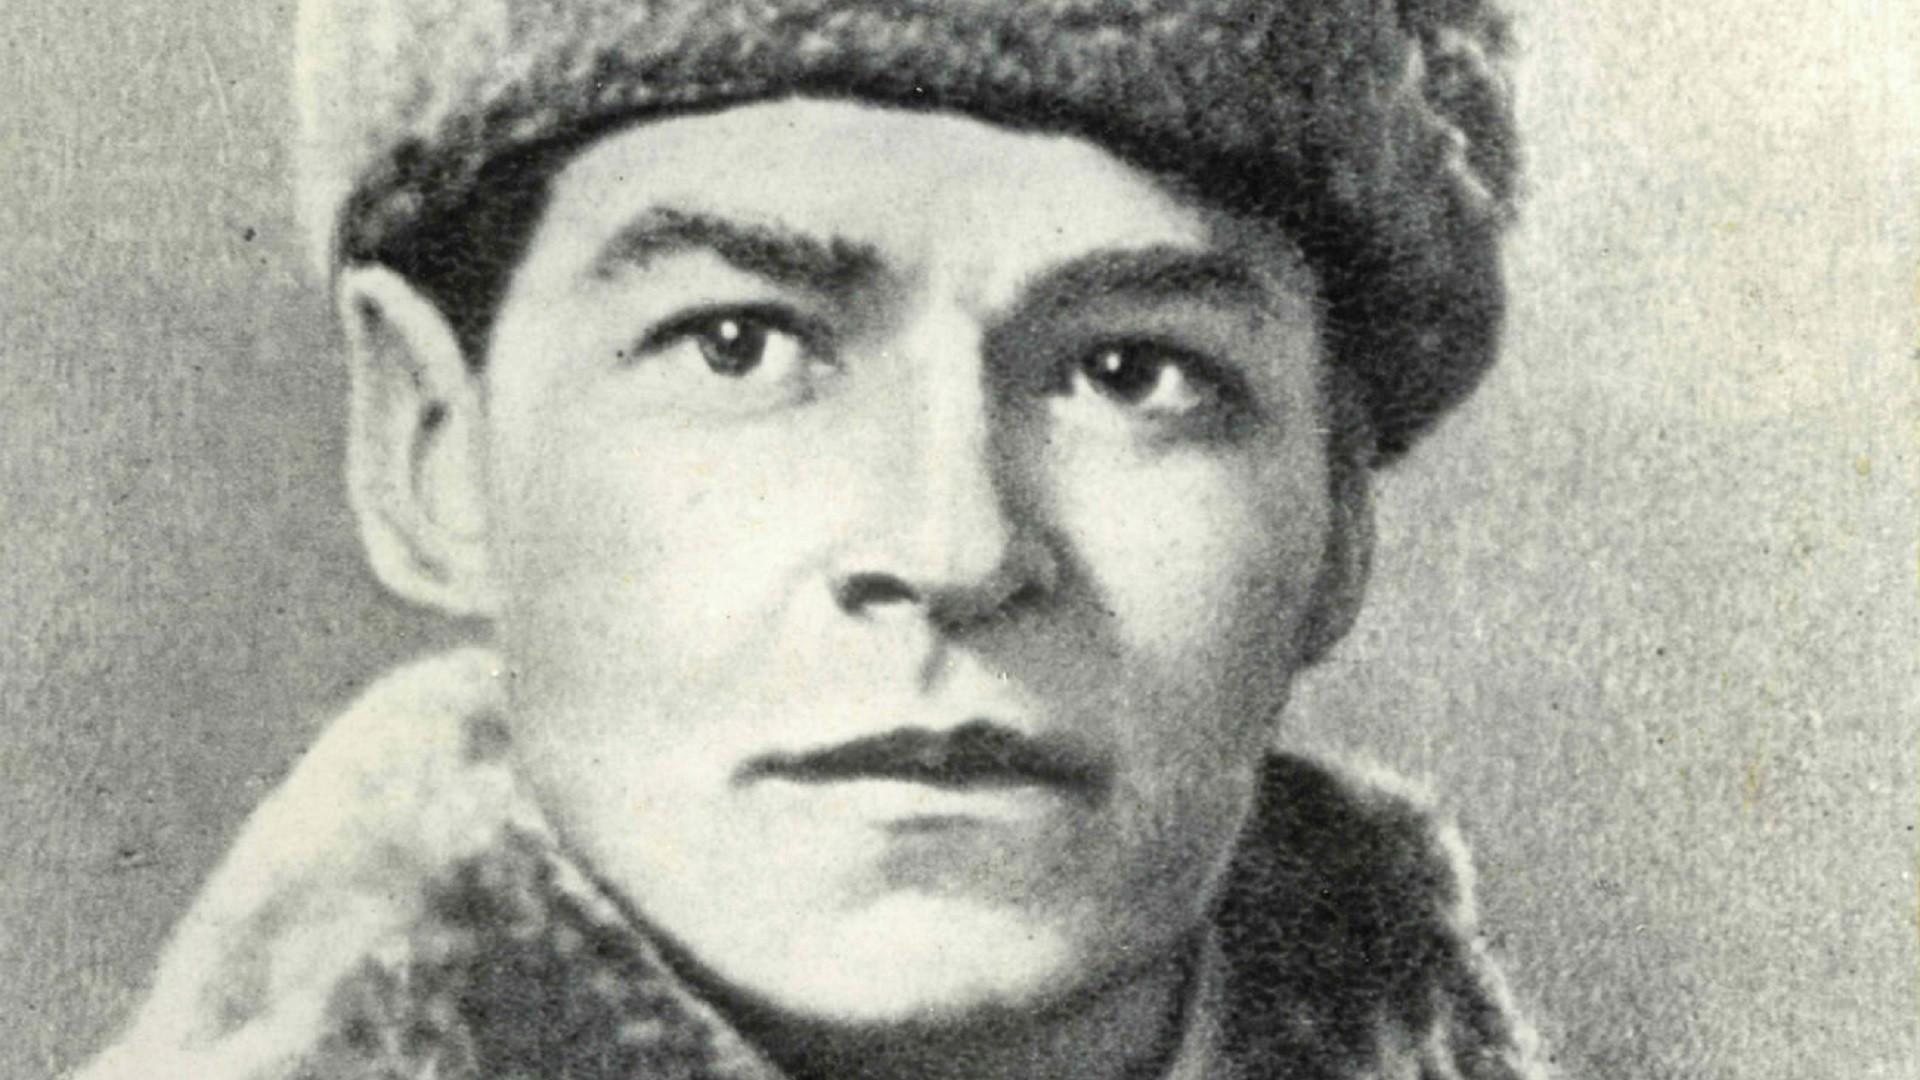 Marcel Lefèvre